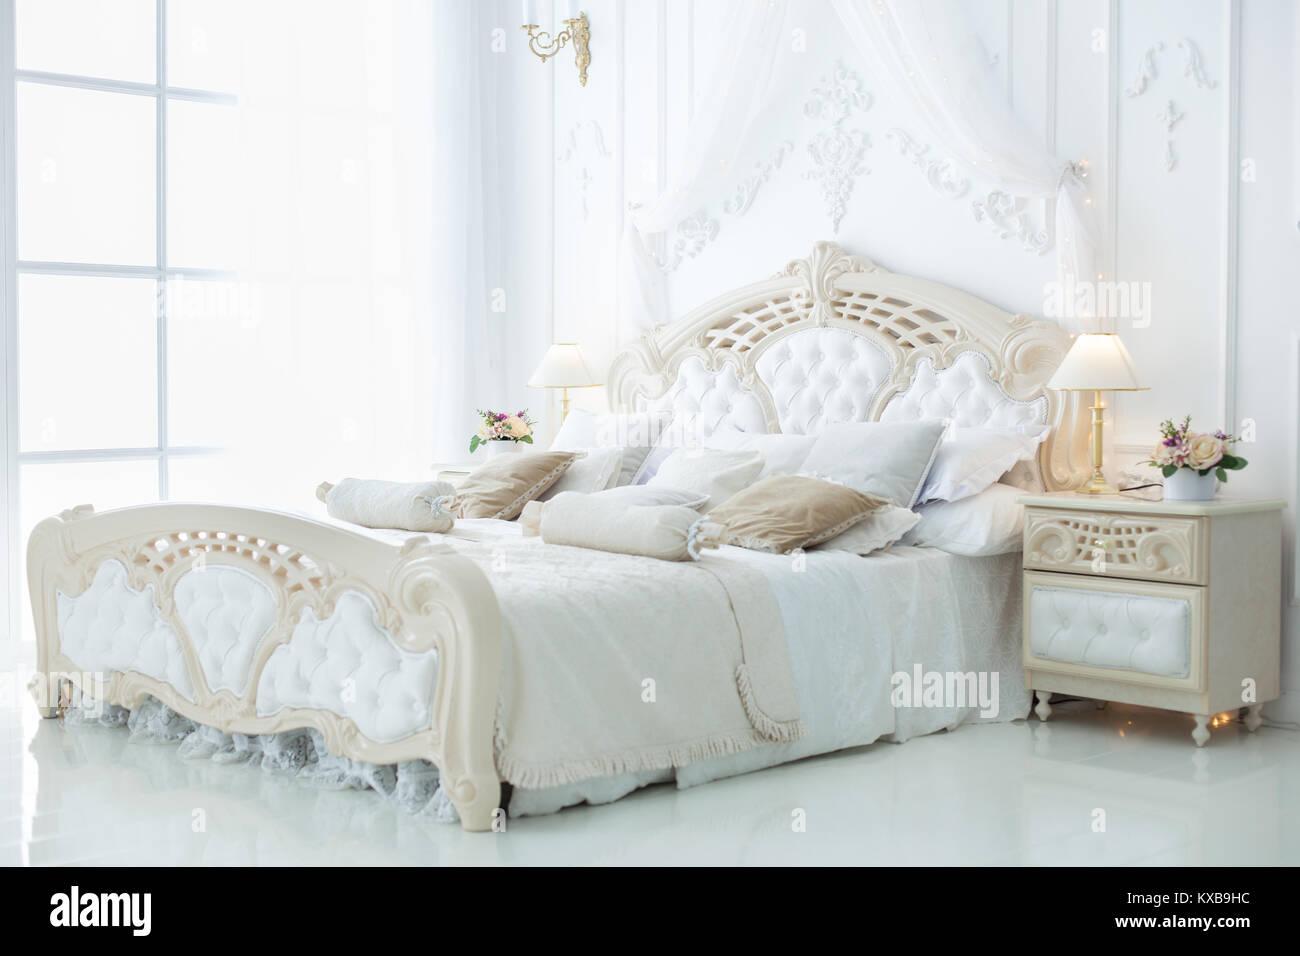 Decoration De La Chambre A Coucher Dans Le Style Rococo De